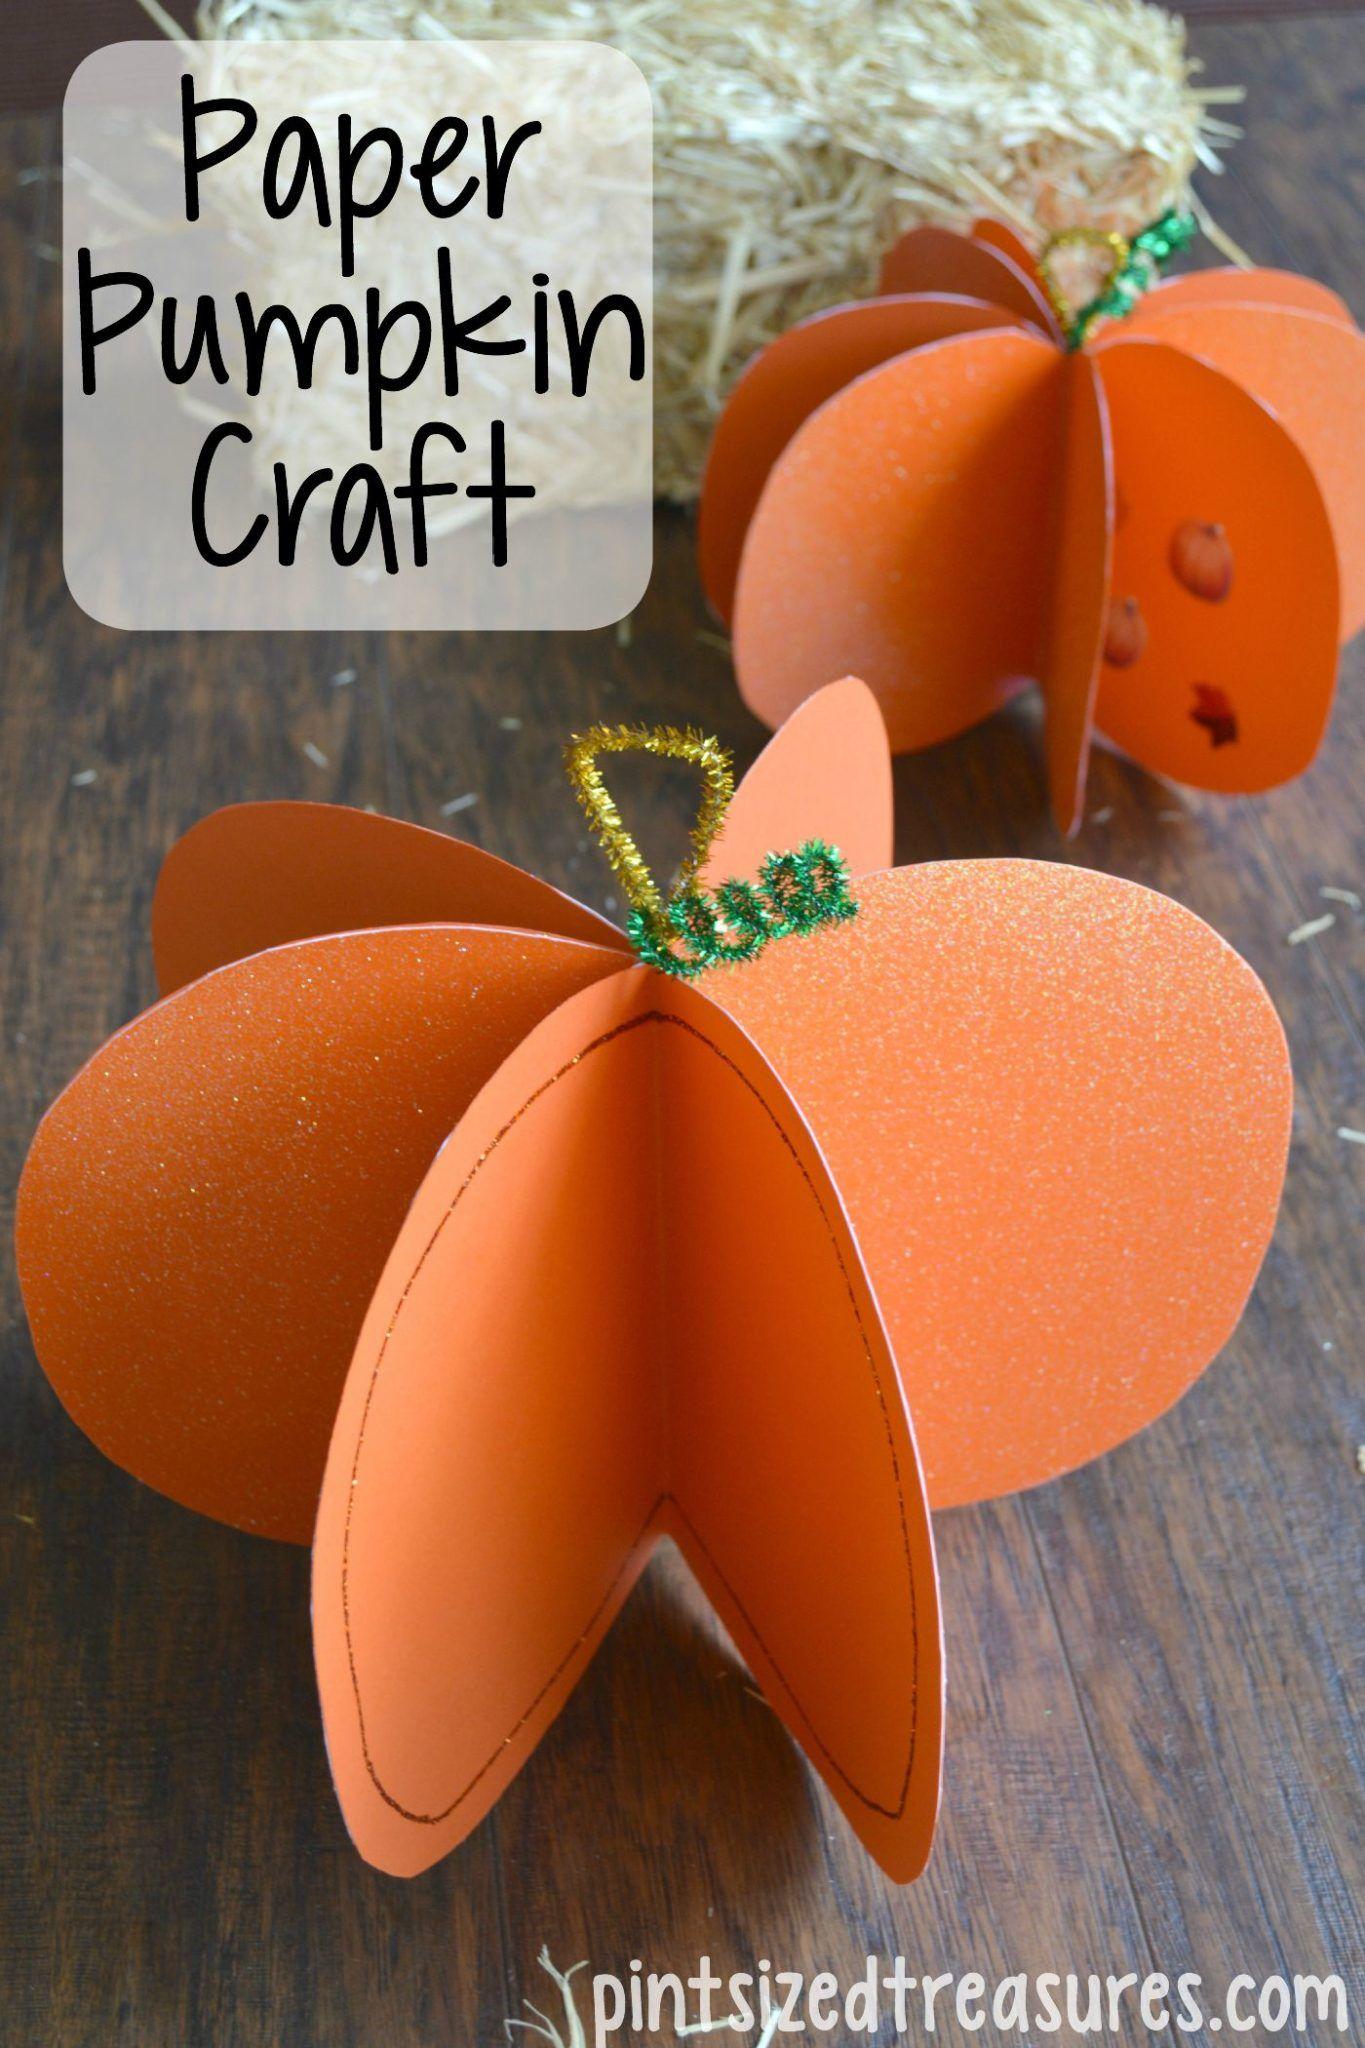 Calabazas De Papel Doblado Diy Pinterest Manualidades And Craft - Calabaza-de-papel